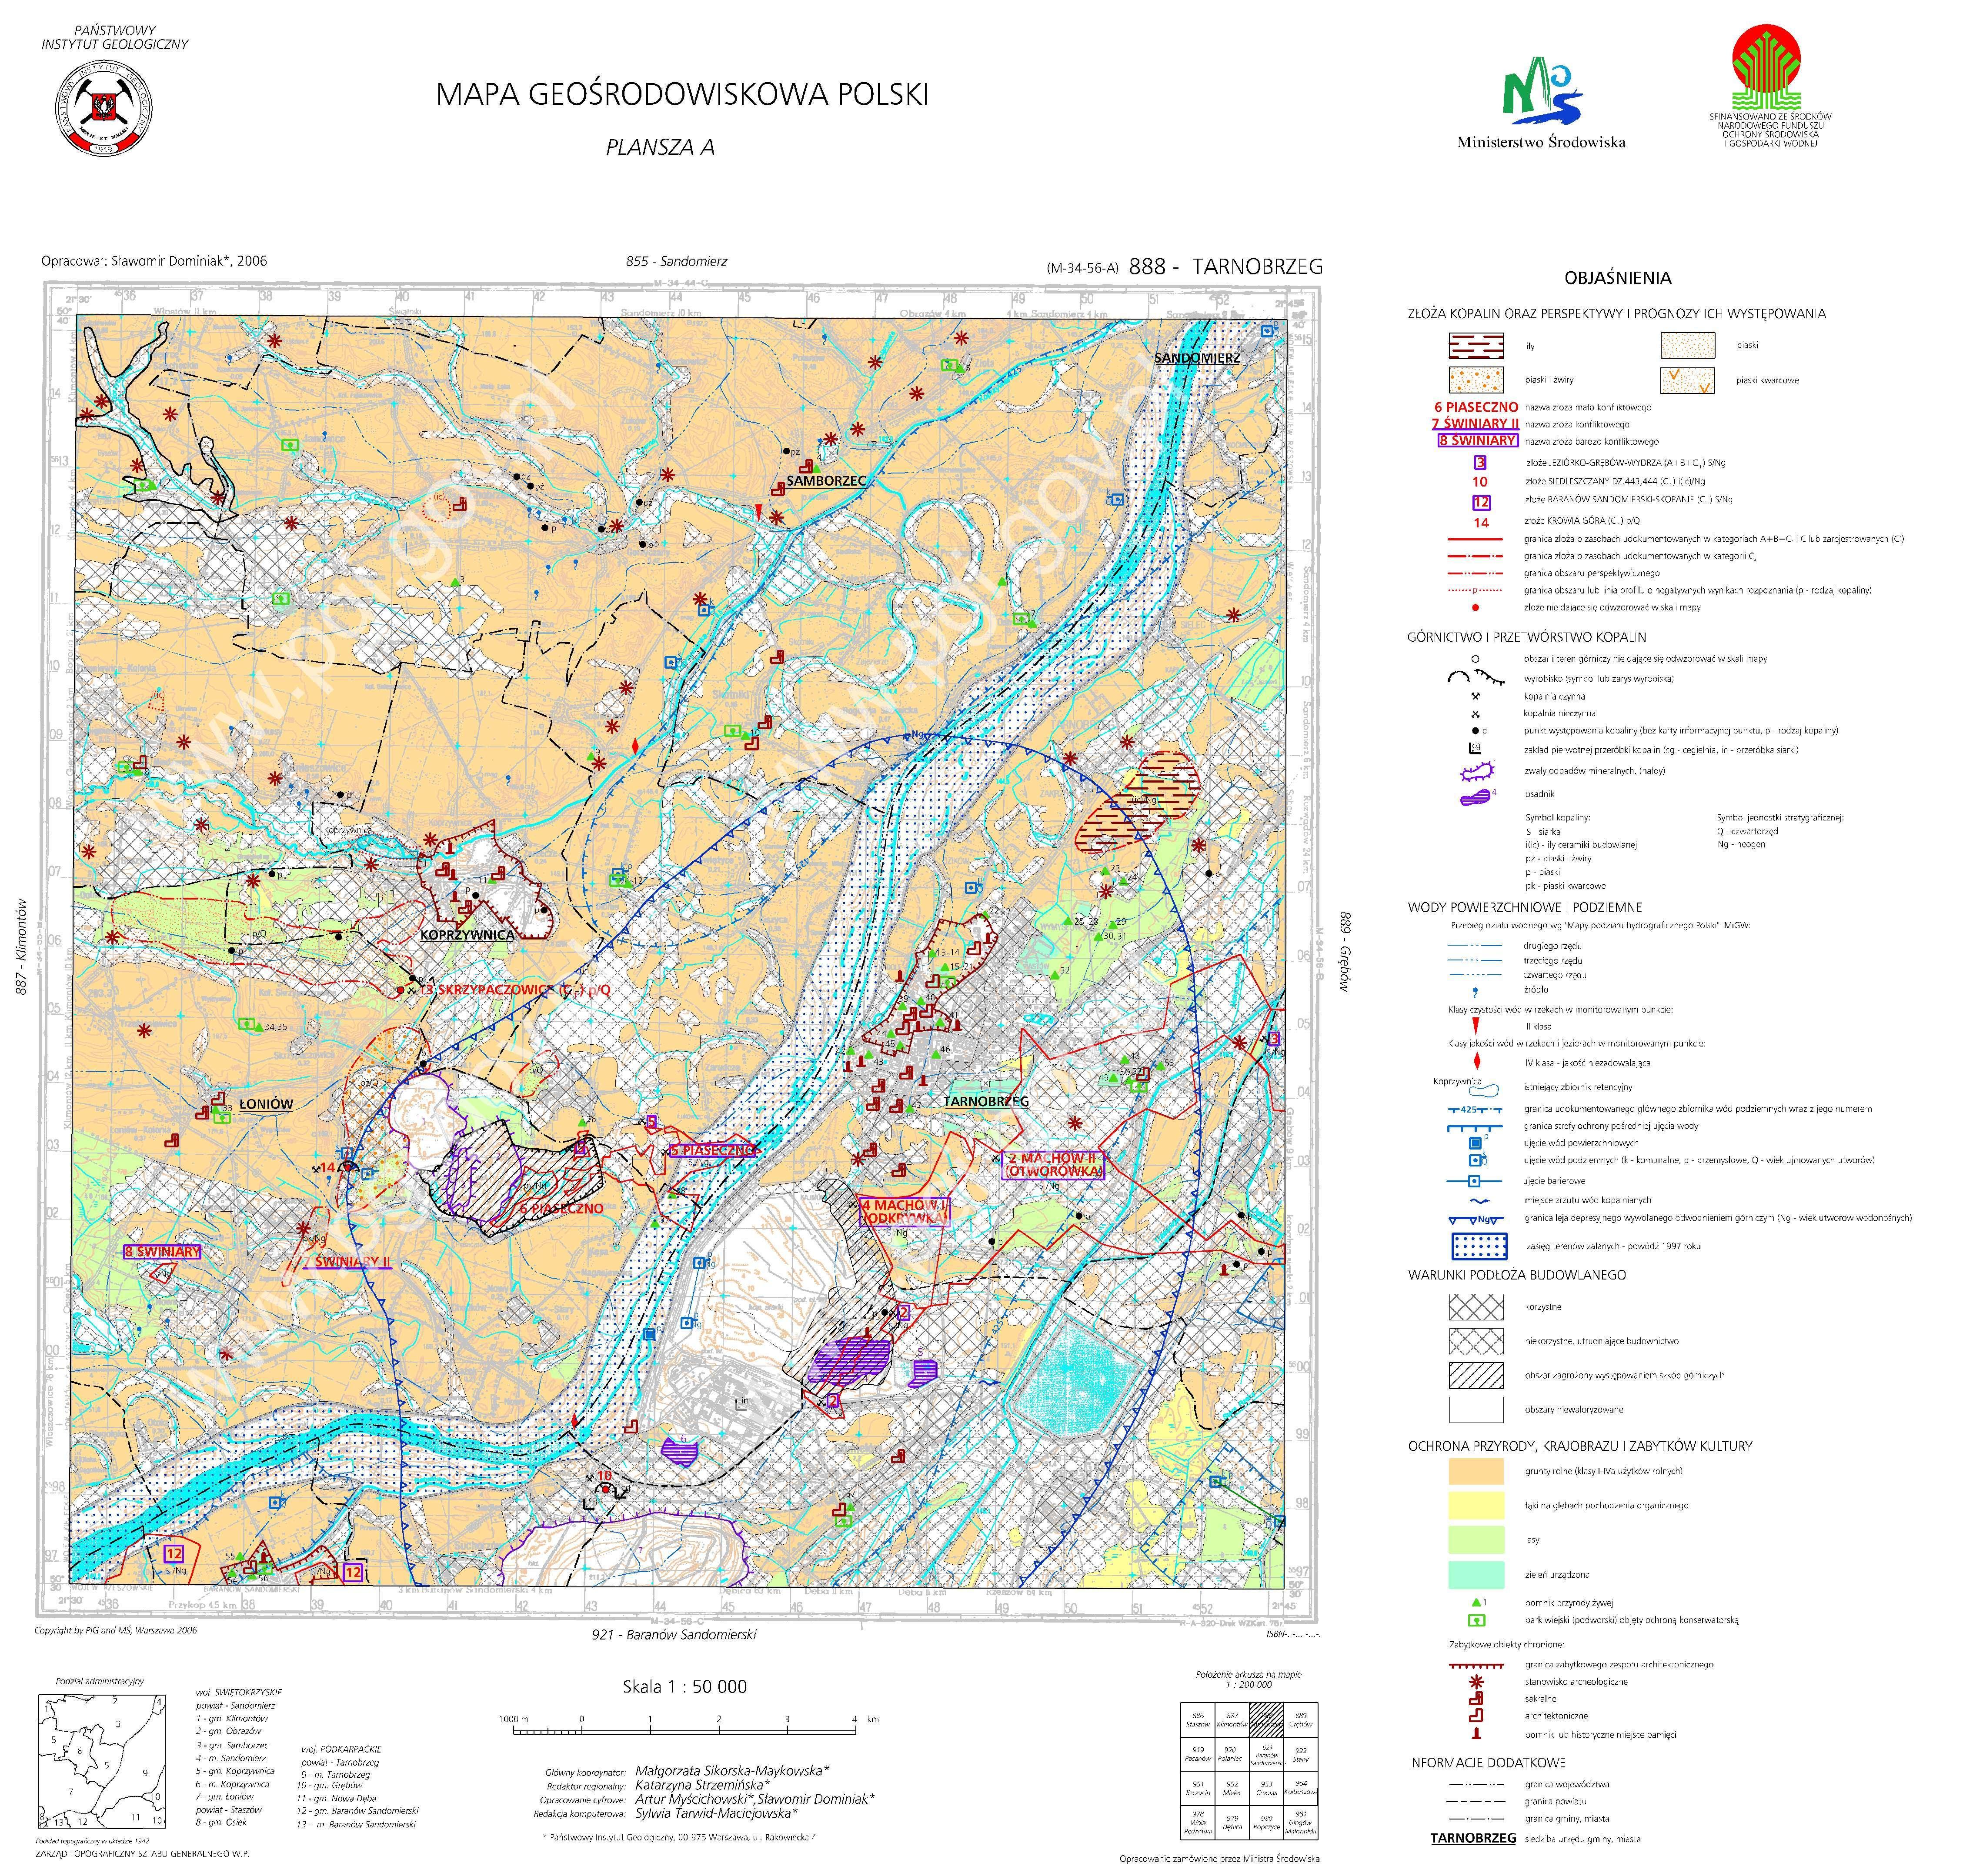 Mapa Geosrodowiskowa Polski 1 50 000 Mgsp Plansza A Arkusz